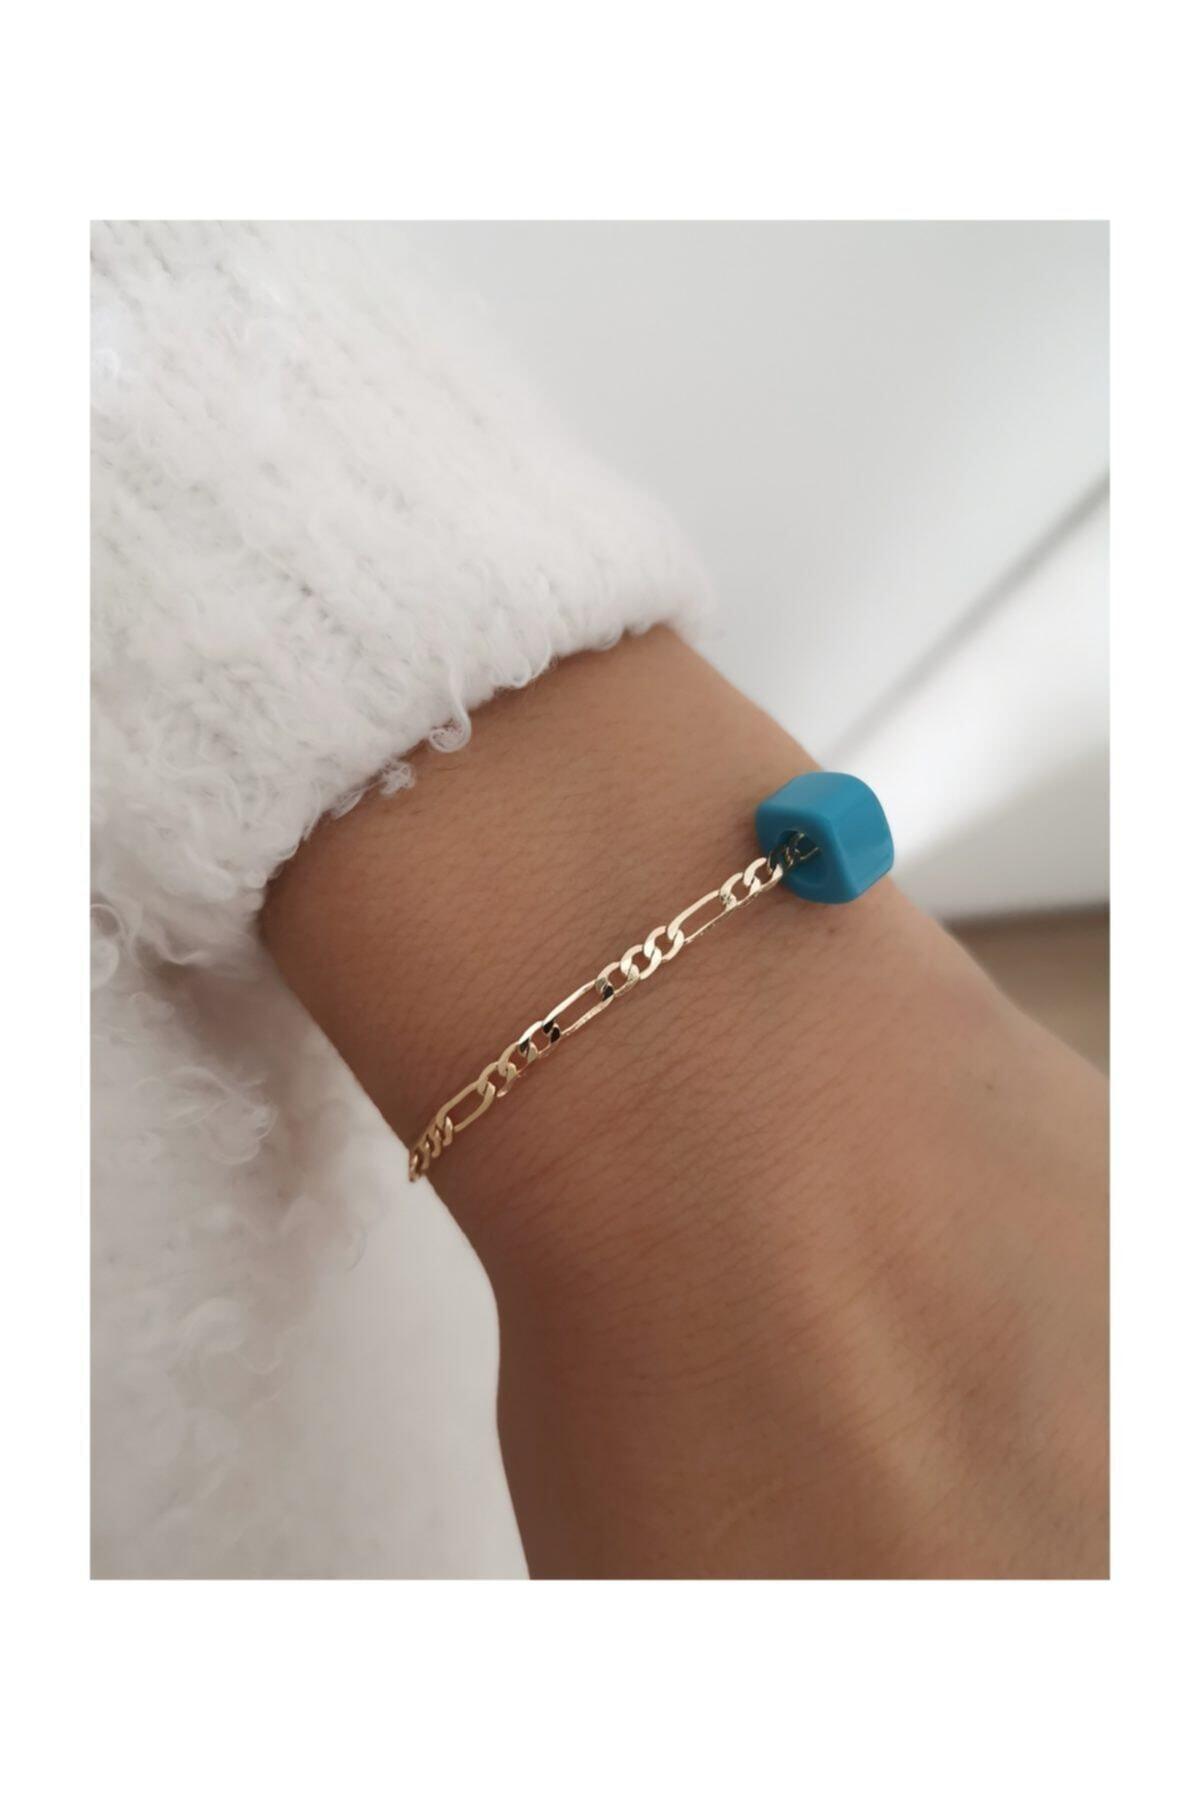 X-Lady Accessories Kadı Mavi Boncuklu Nostalji Altın Sarısı Zincir Bileklik 1